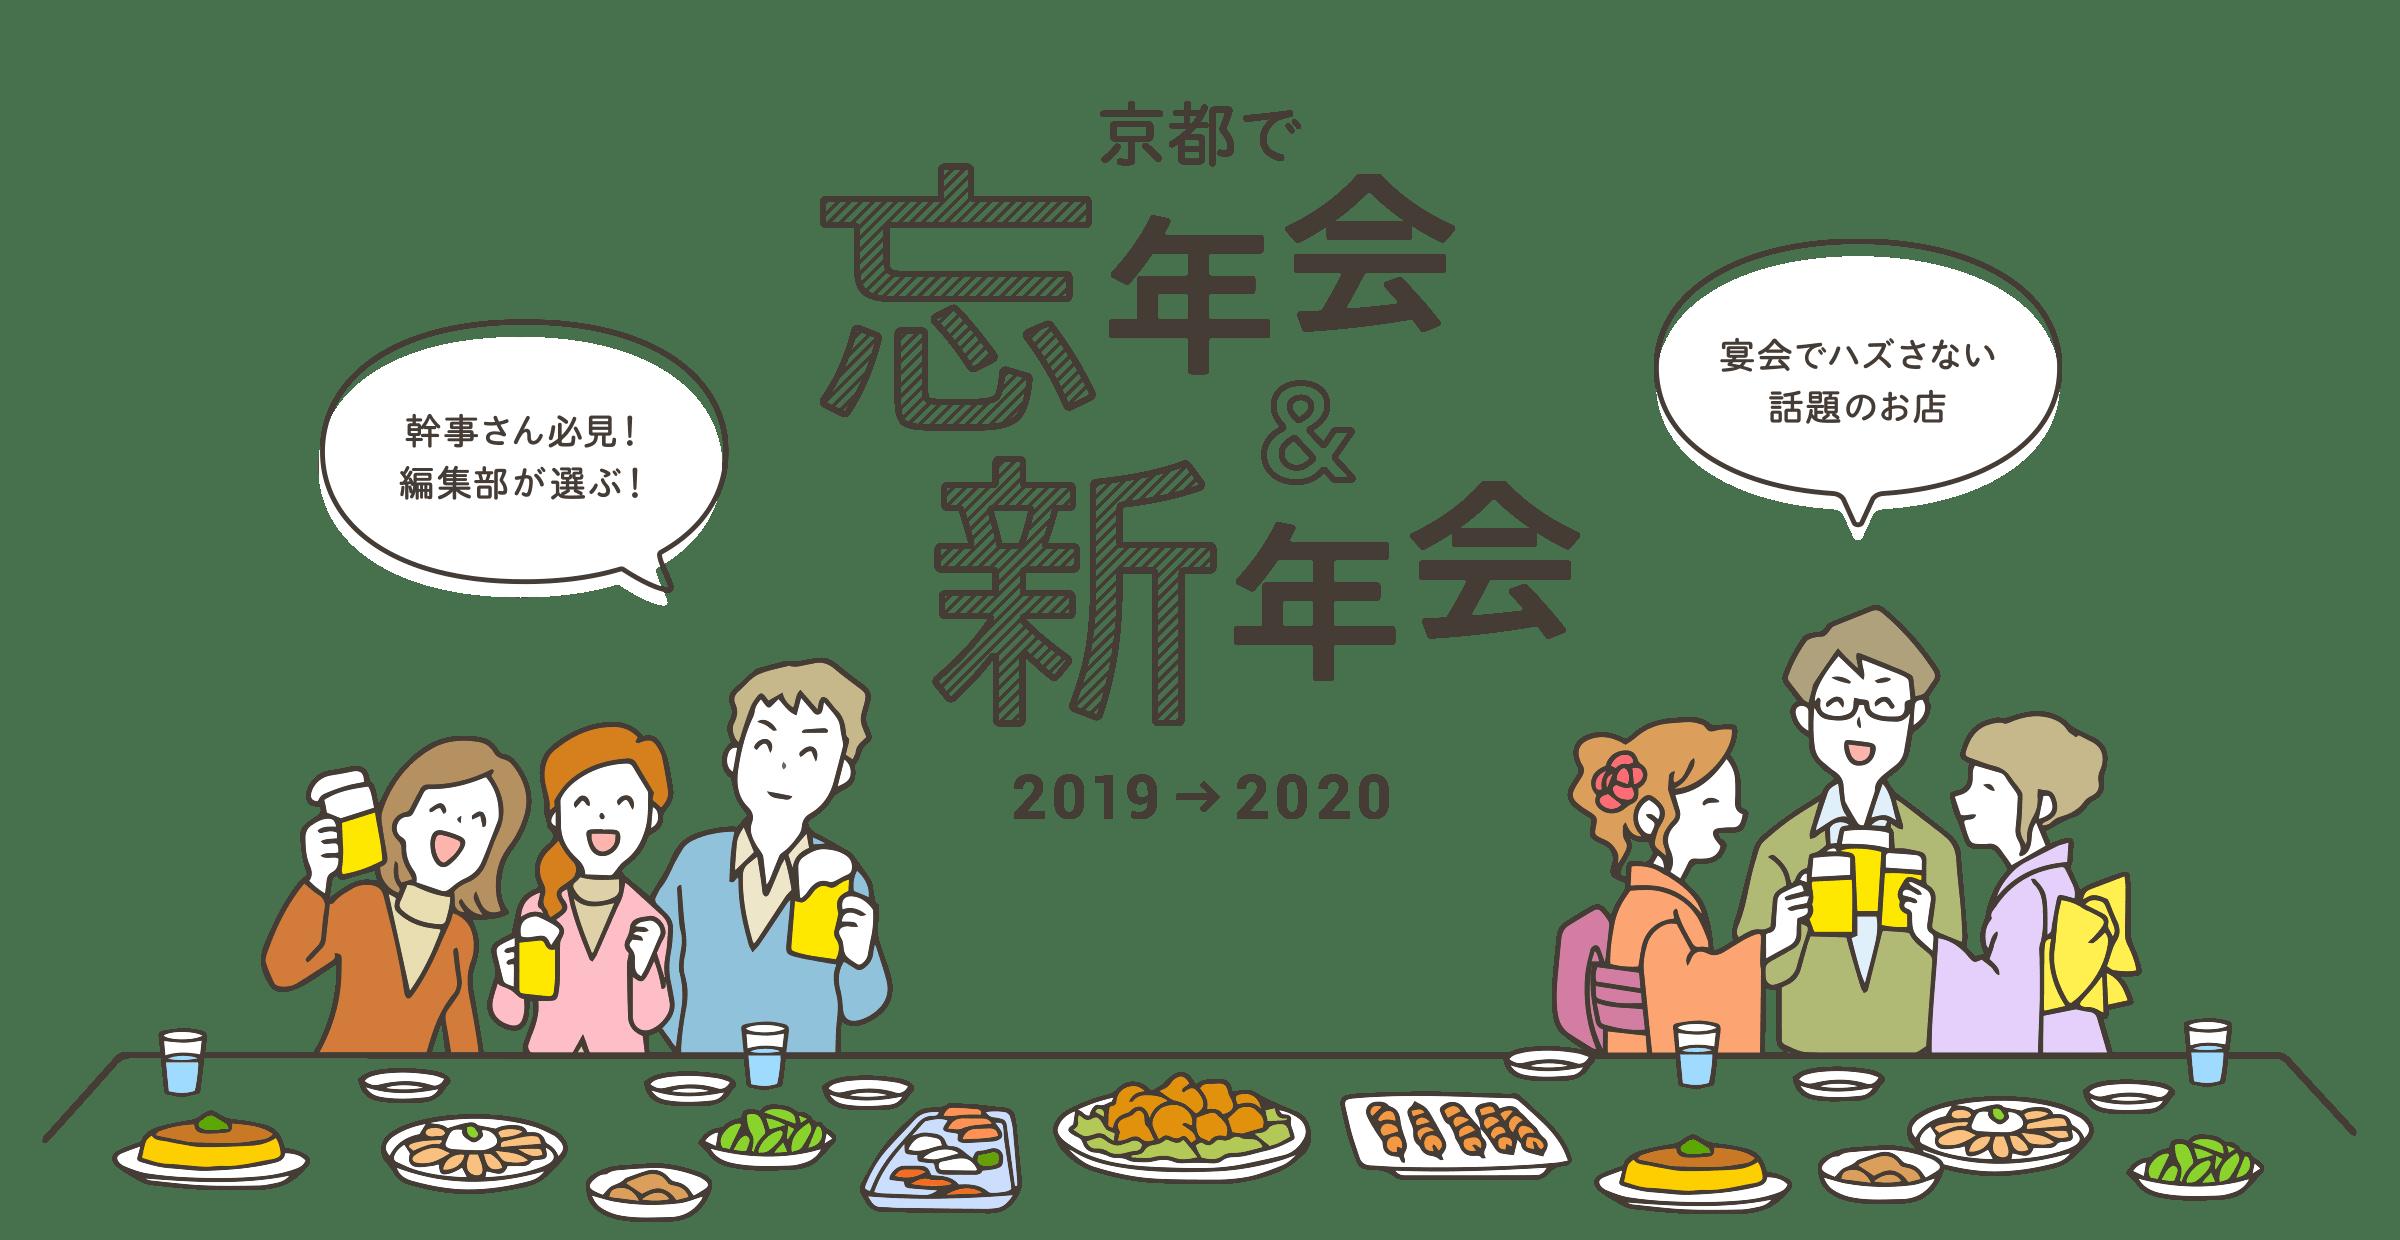 幹事さん必見!編集部が選ぶ!宴会でハズさない話題のお店 京都で忘年会&新年会2019-2020